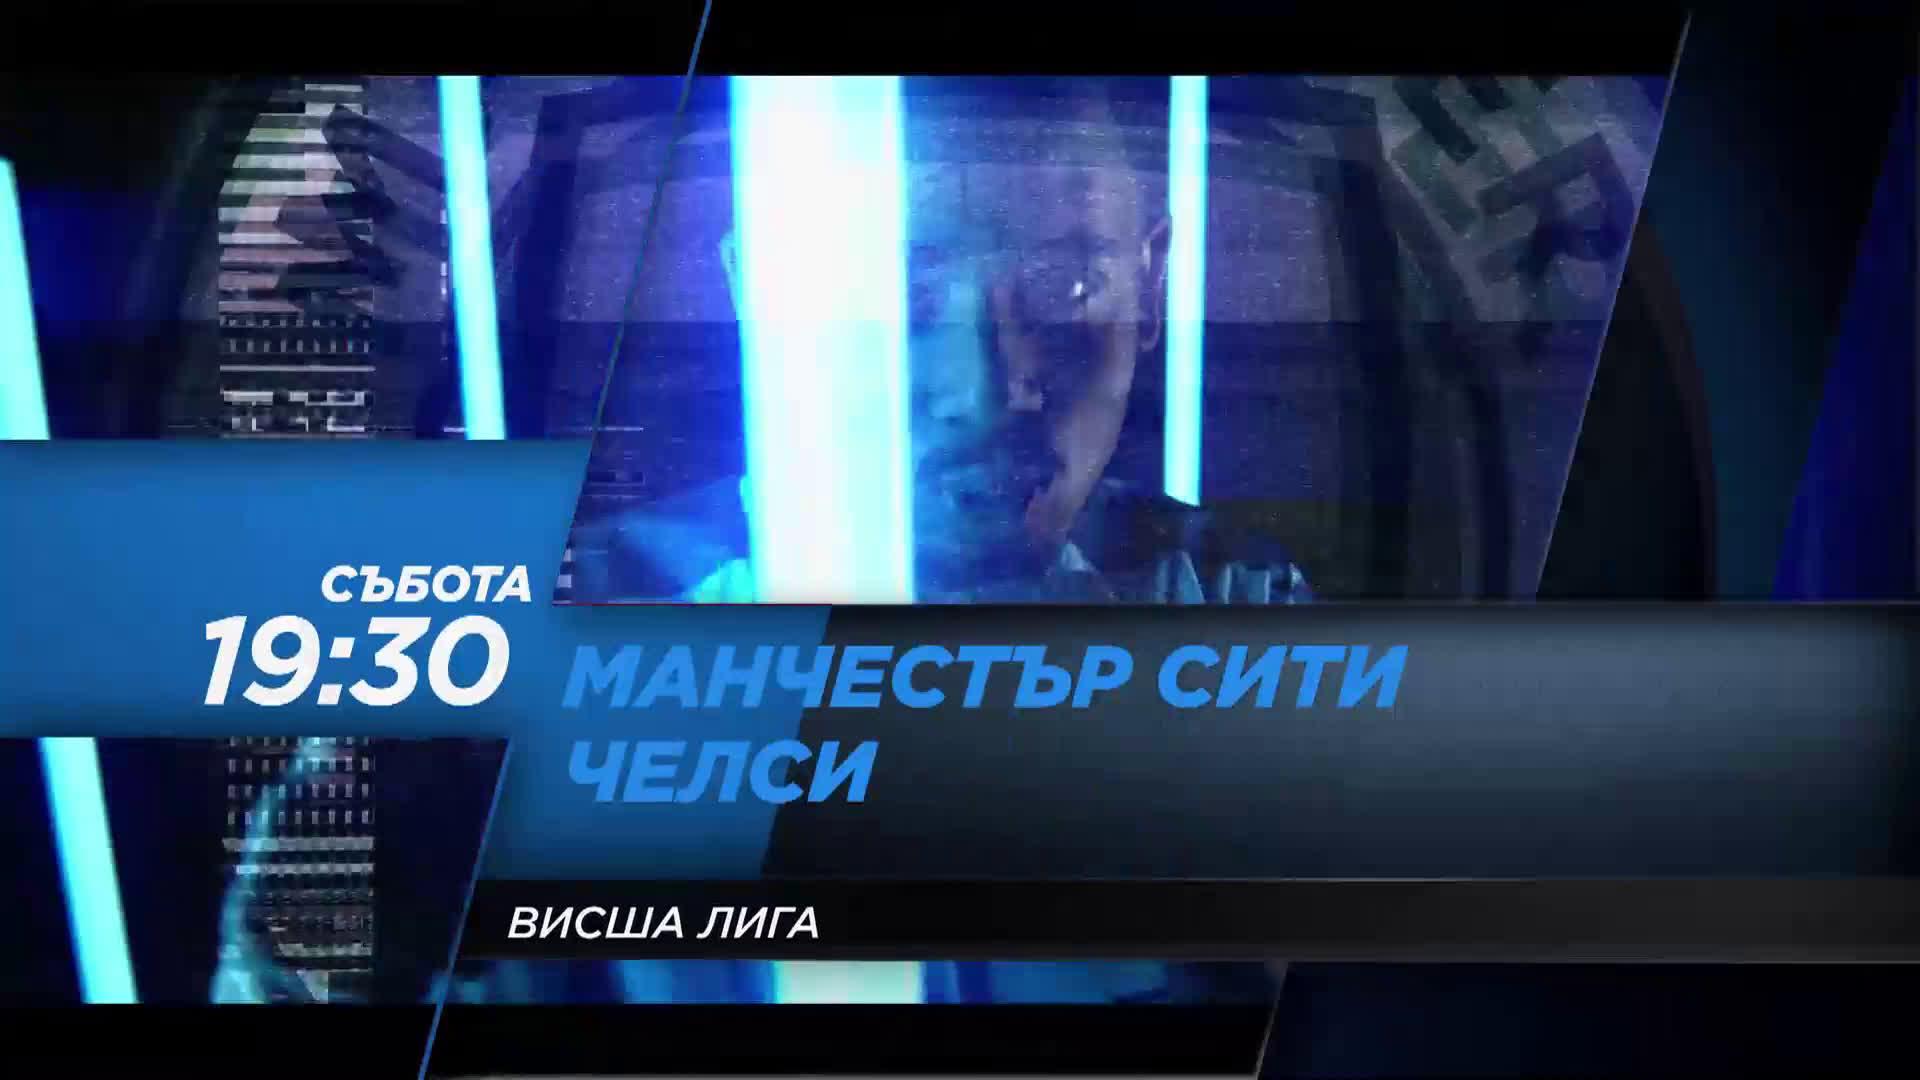 Манчестър Сити-Челси на 23 ноември, събота 19.30 ч. по DIEMA SPORT 2